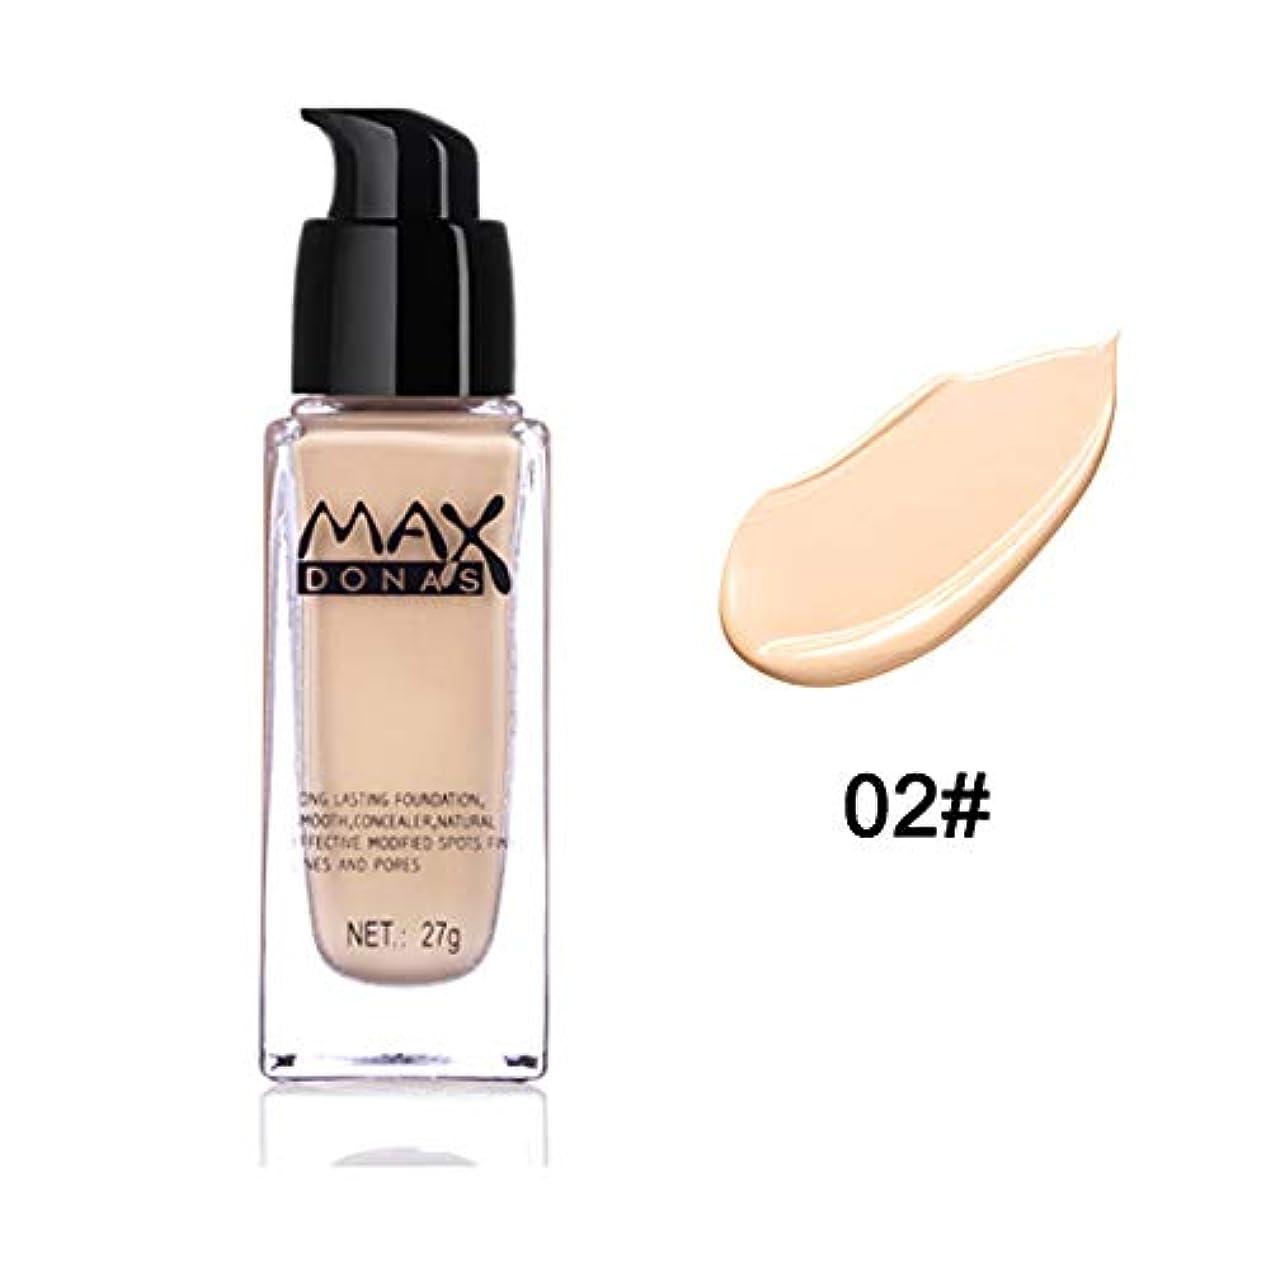 バルク息切れ通常Symboat ファンデーション フェイスコンシーラー 保湿 ロングラスティング メイク 化粧品 女性用 美白 化粧下地 明るい肌色 自然な肌色 素肌感